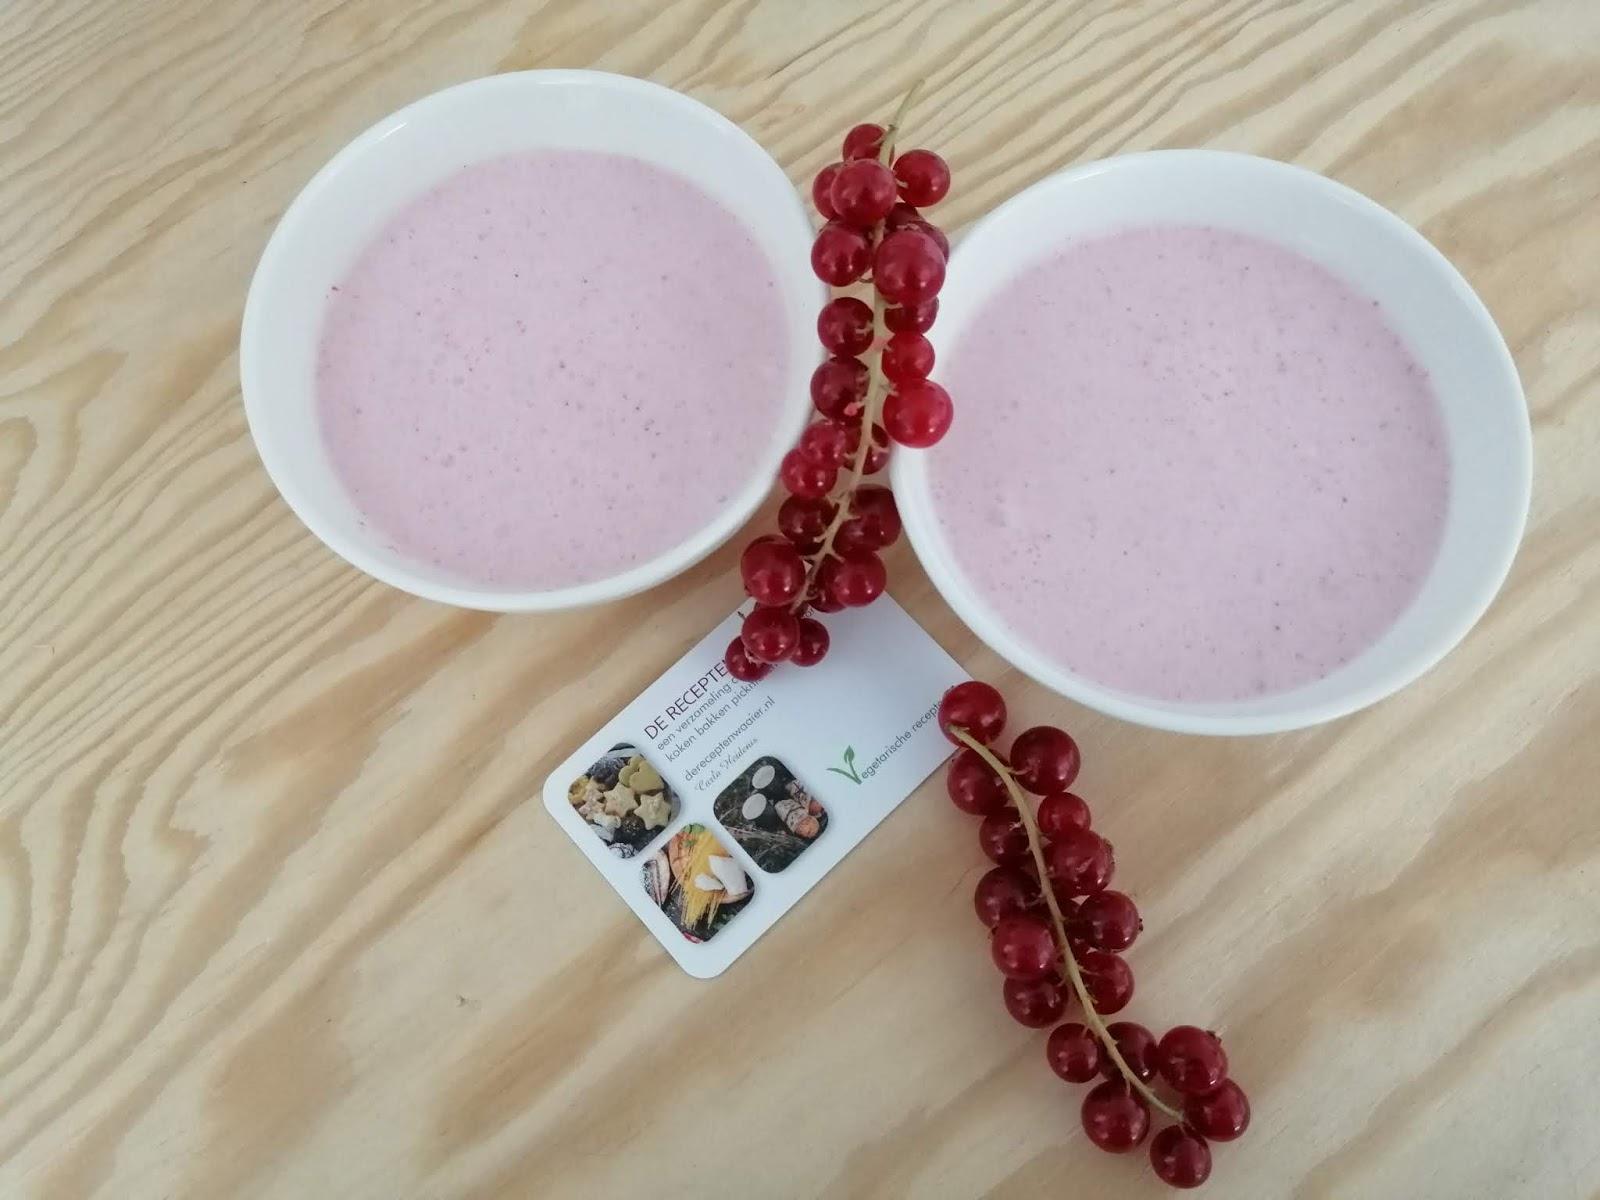 Rodebessenyoghurt